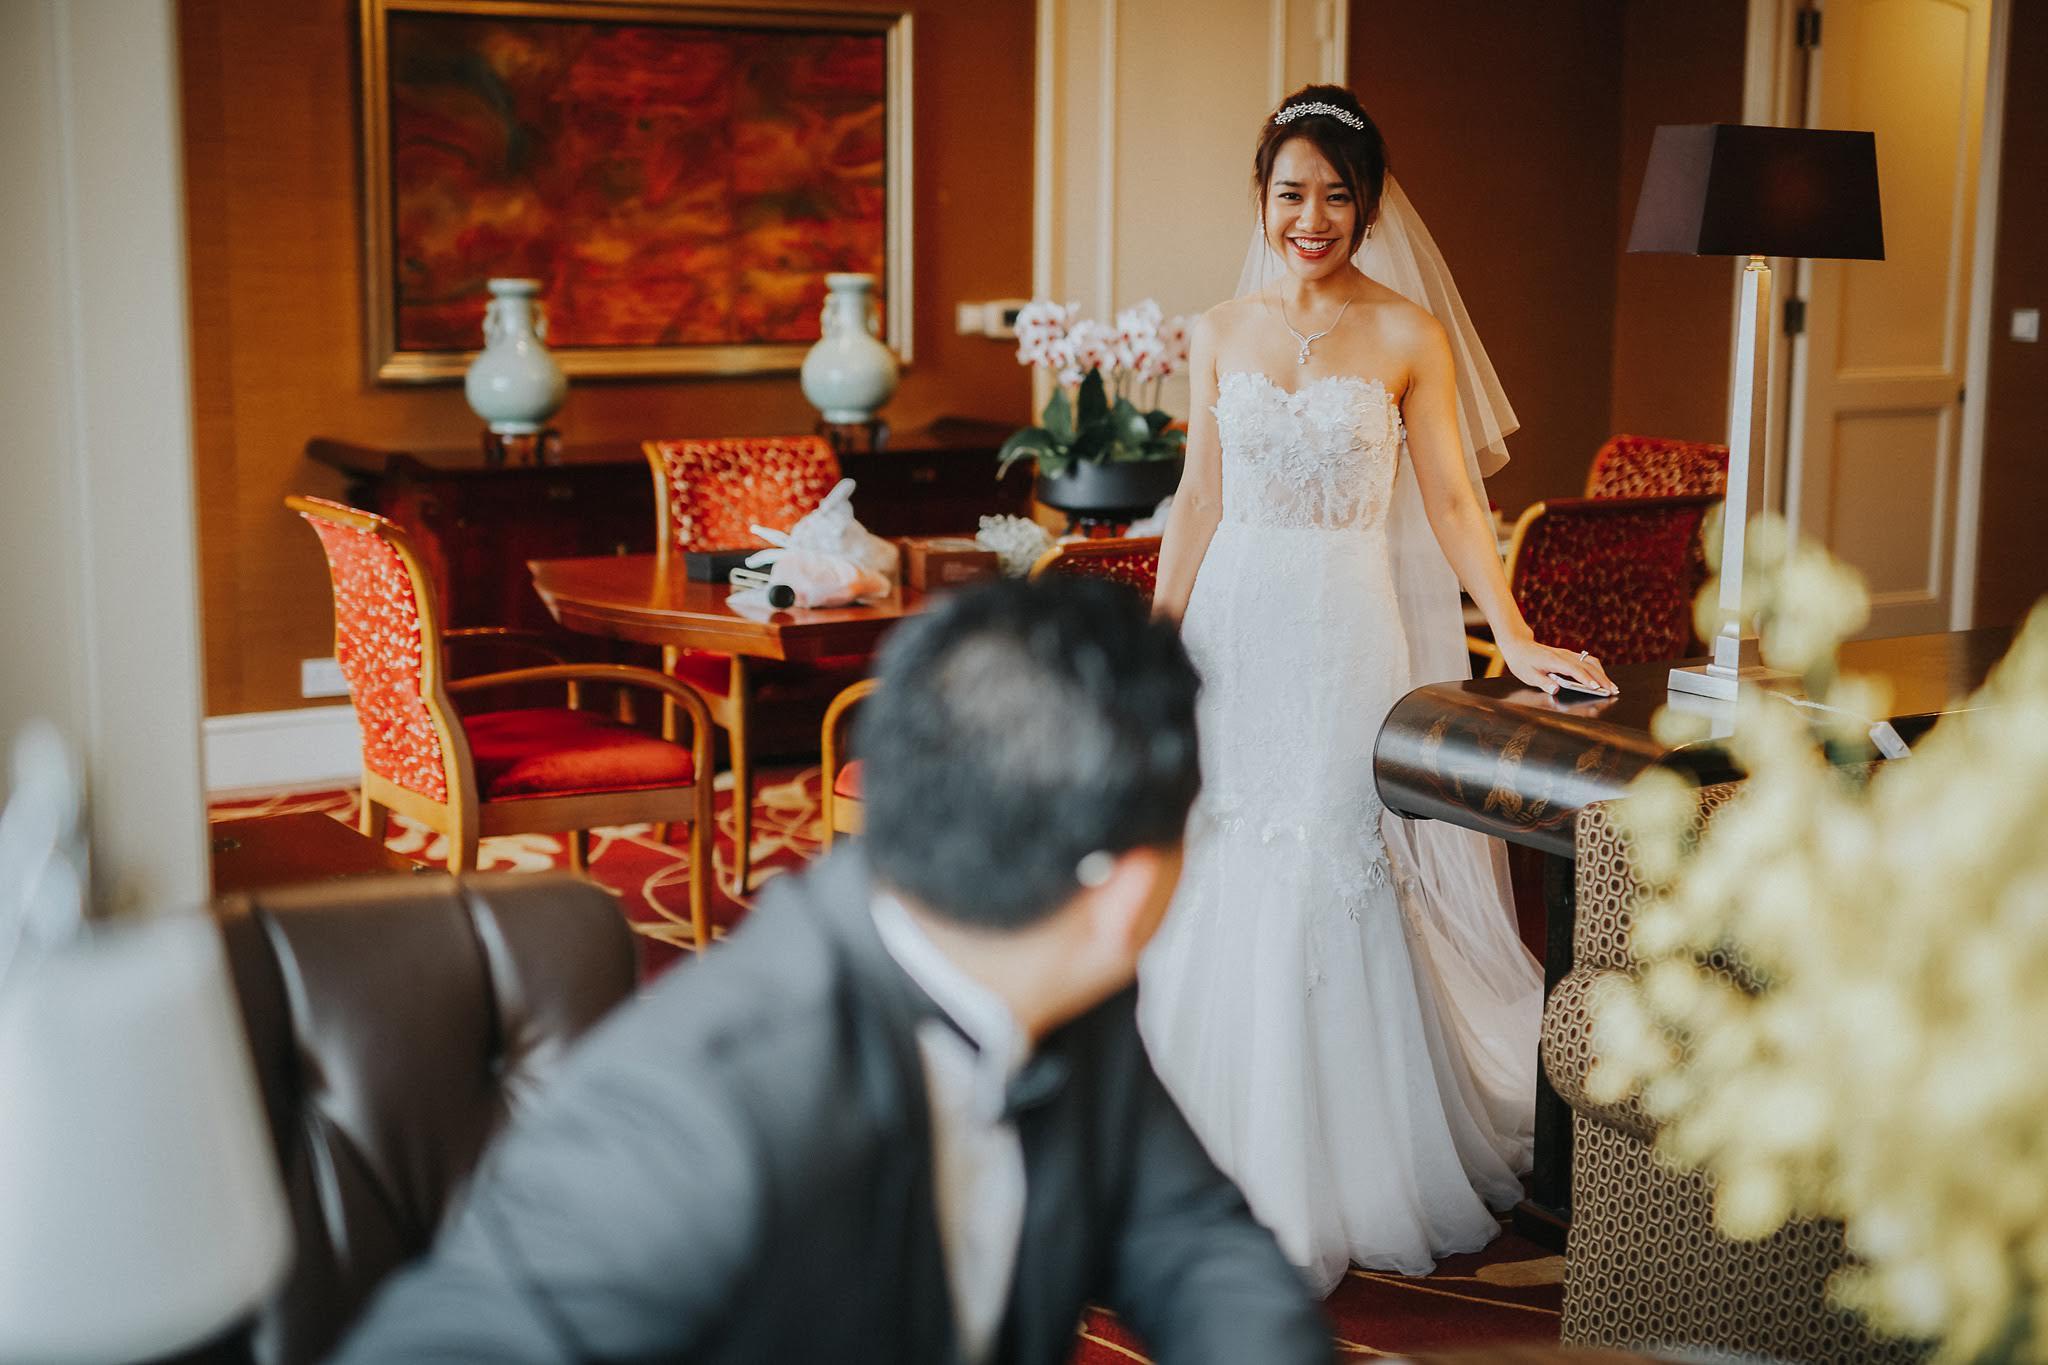 Adeline + Ryan's Wedding Day